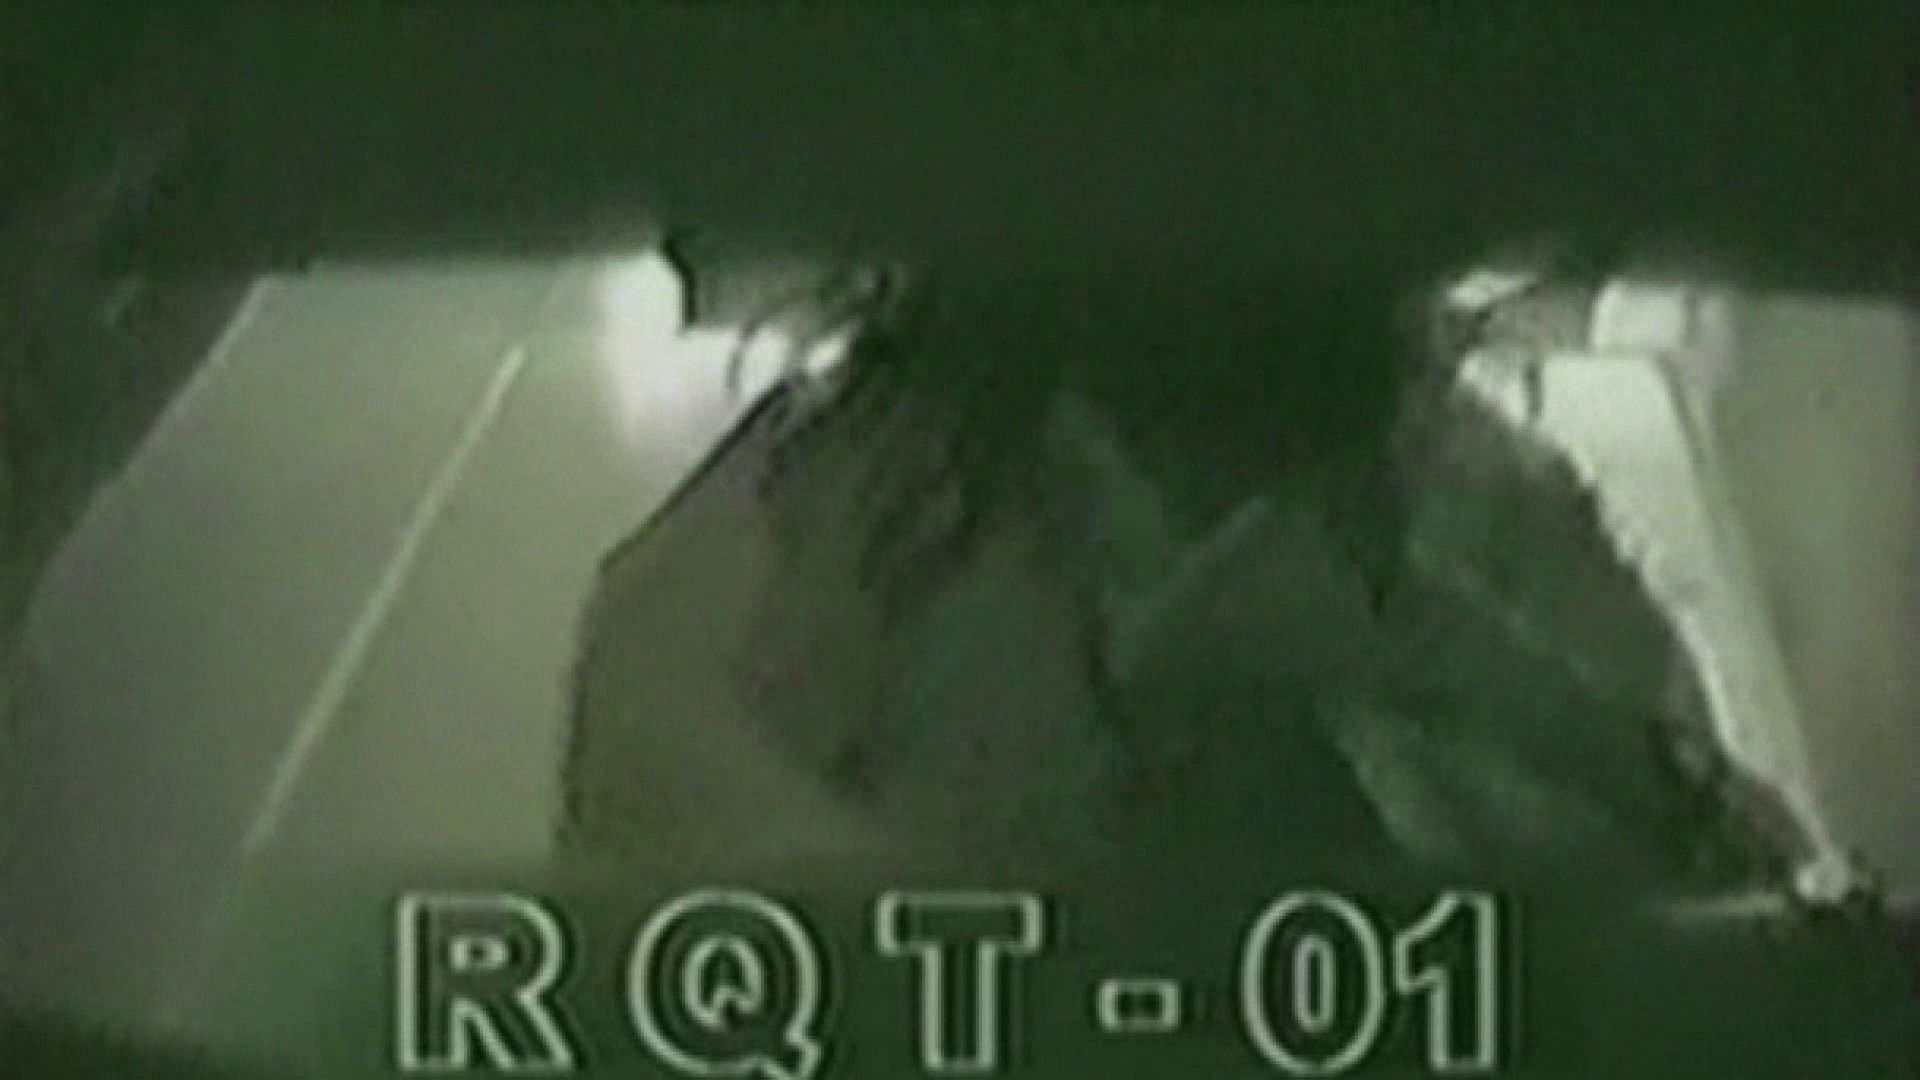 お姉さんの恥便所盗撮! Vol.2 レースクイーンエロ画像 盗撮われめAV動画紹介 89PICs 89